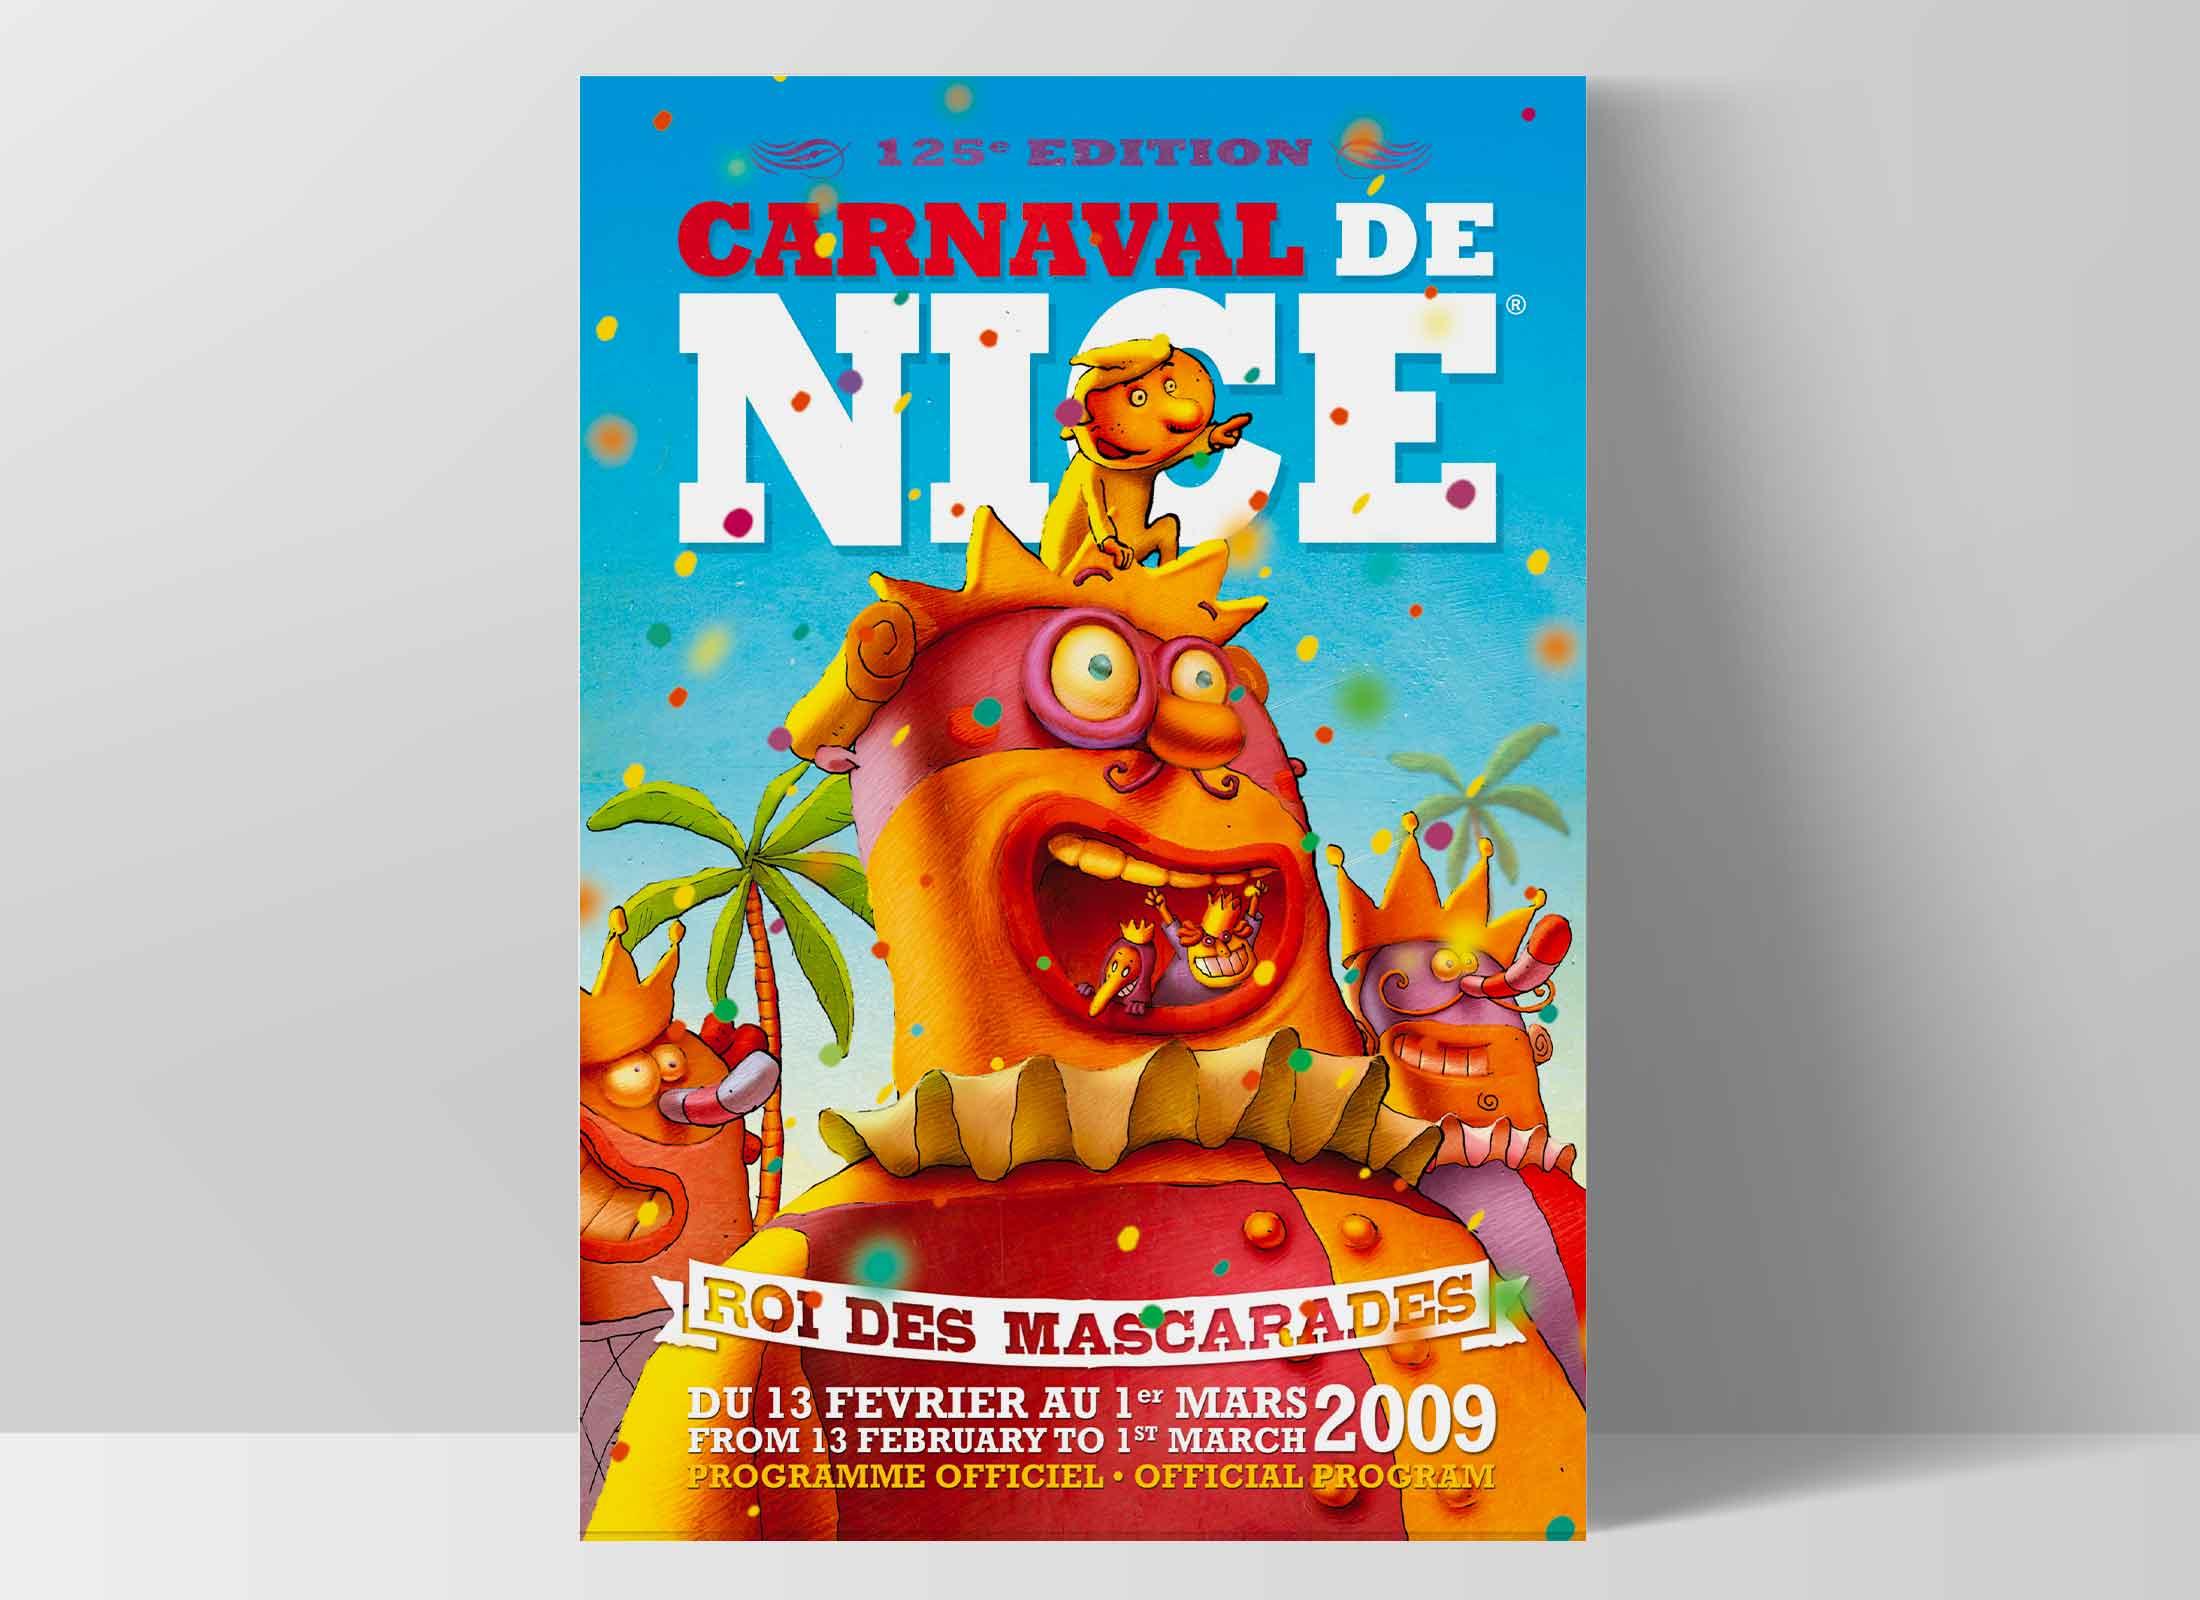 Carnaval de Nice, campagne d'affichage